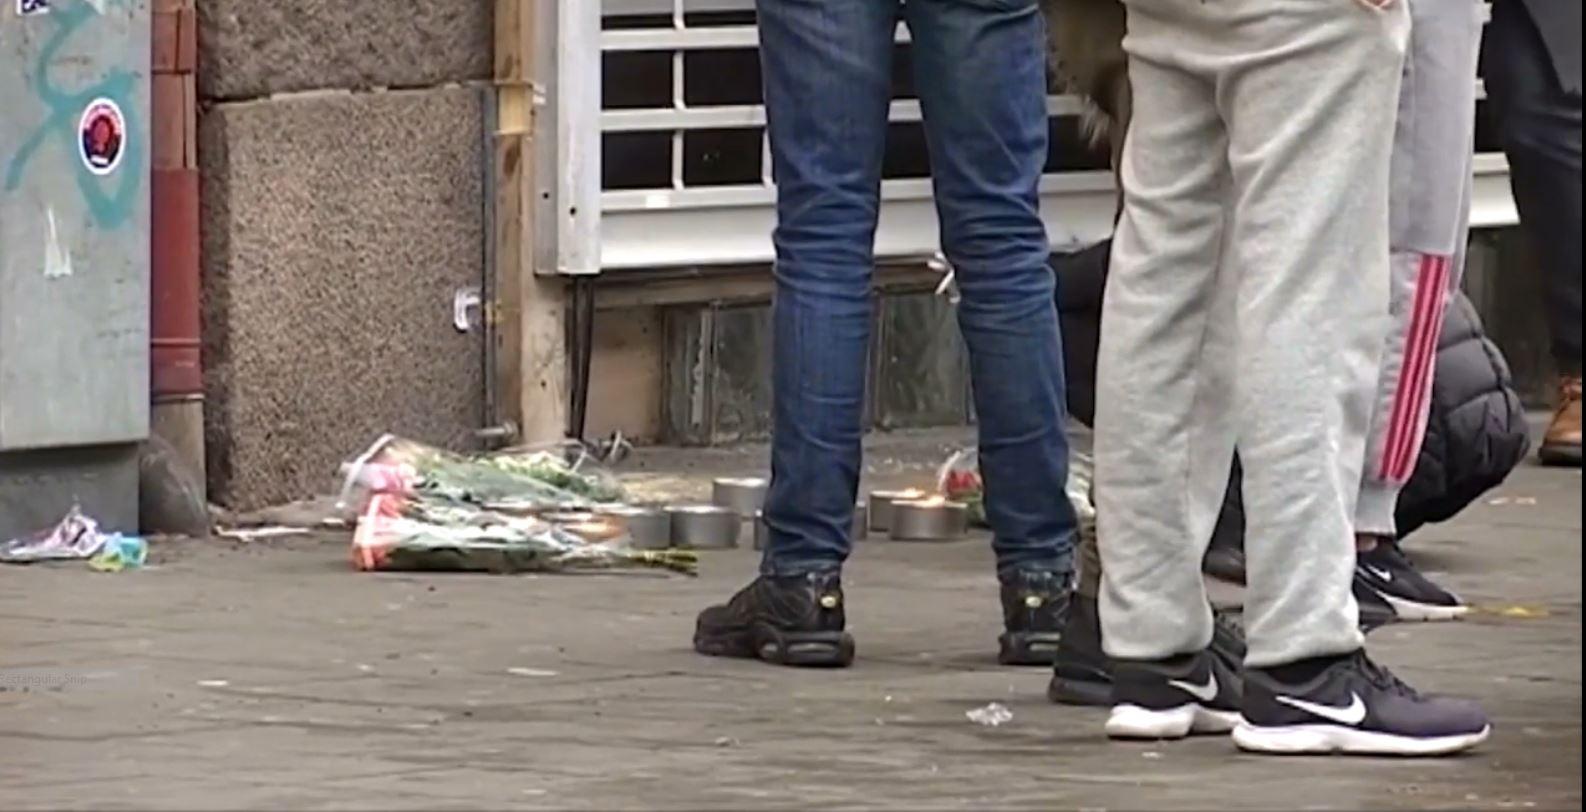 Dikur vendi me i sigurtë në botë, aktualisht Suedia përballet me bandat